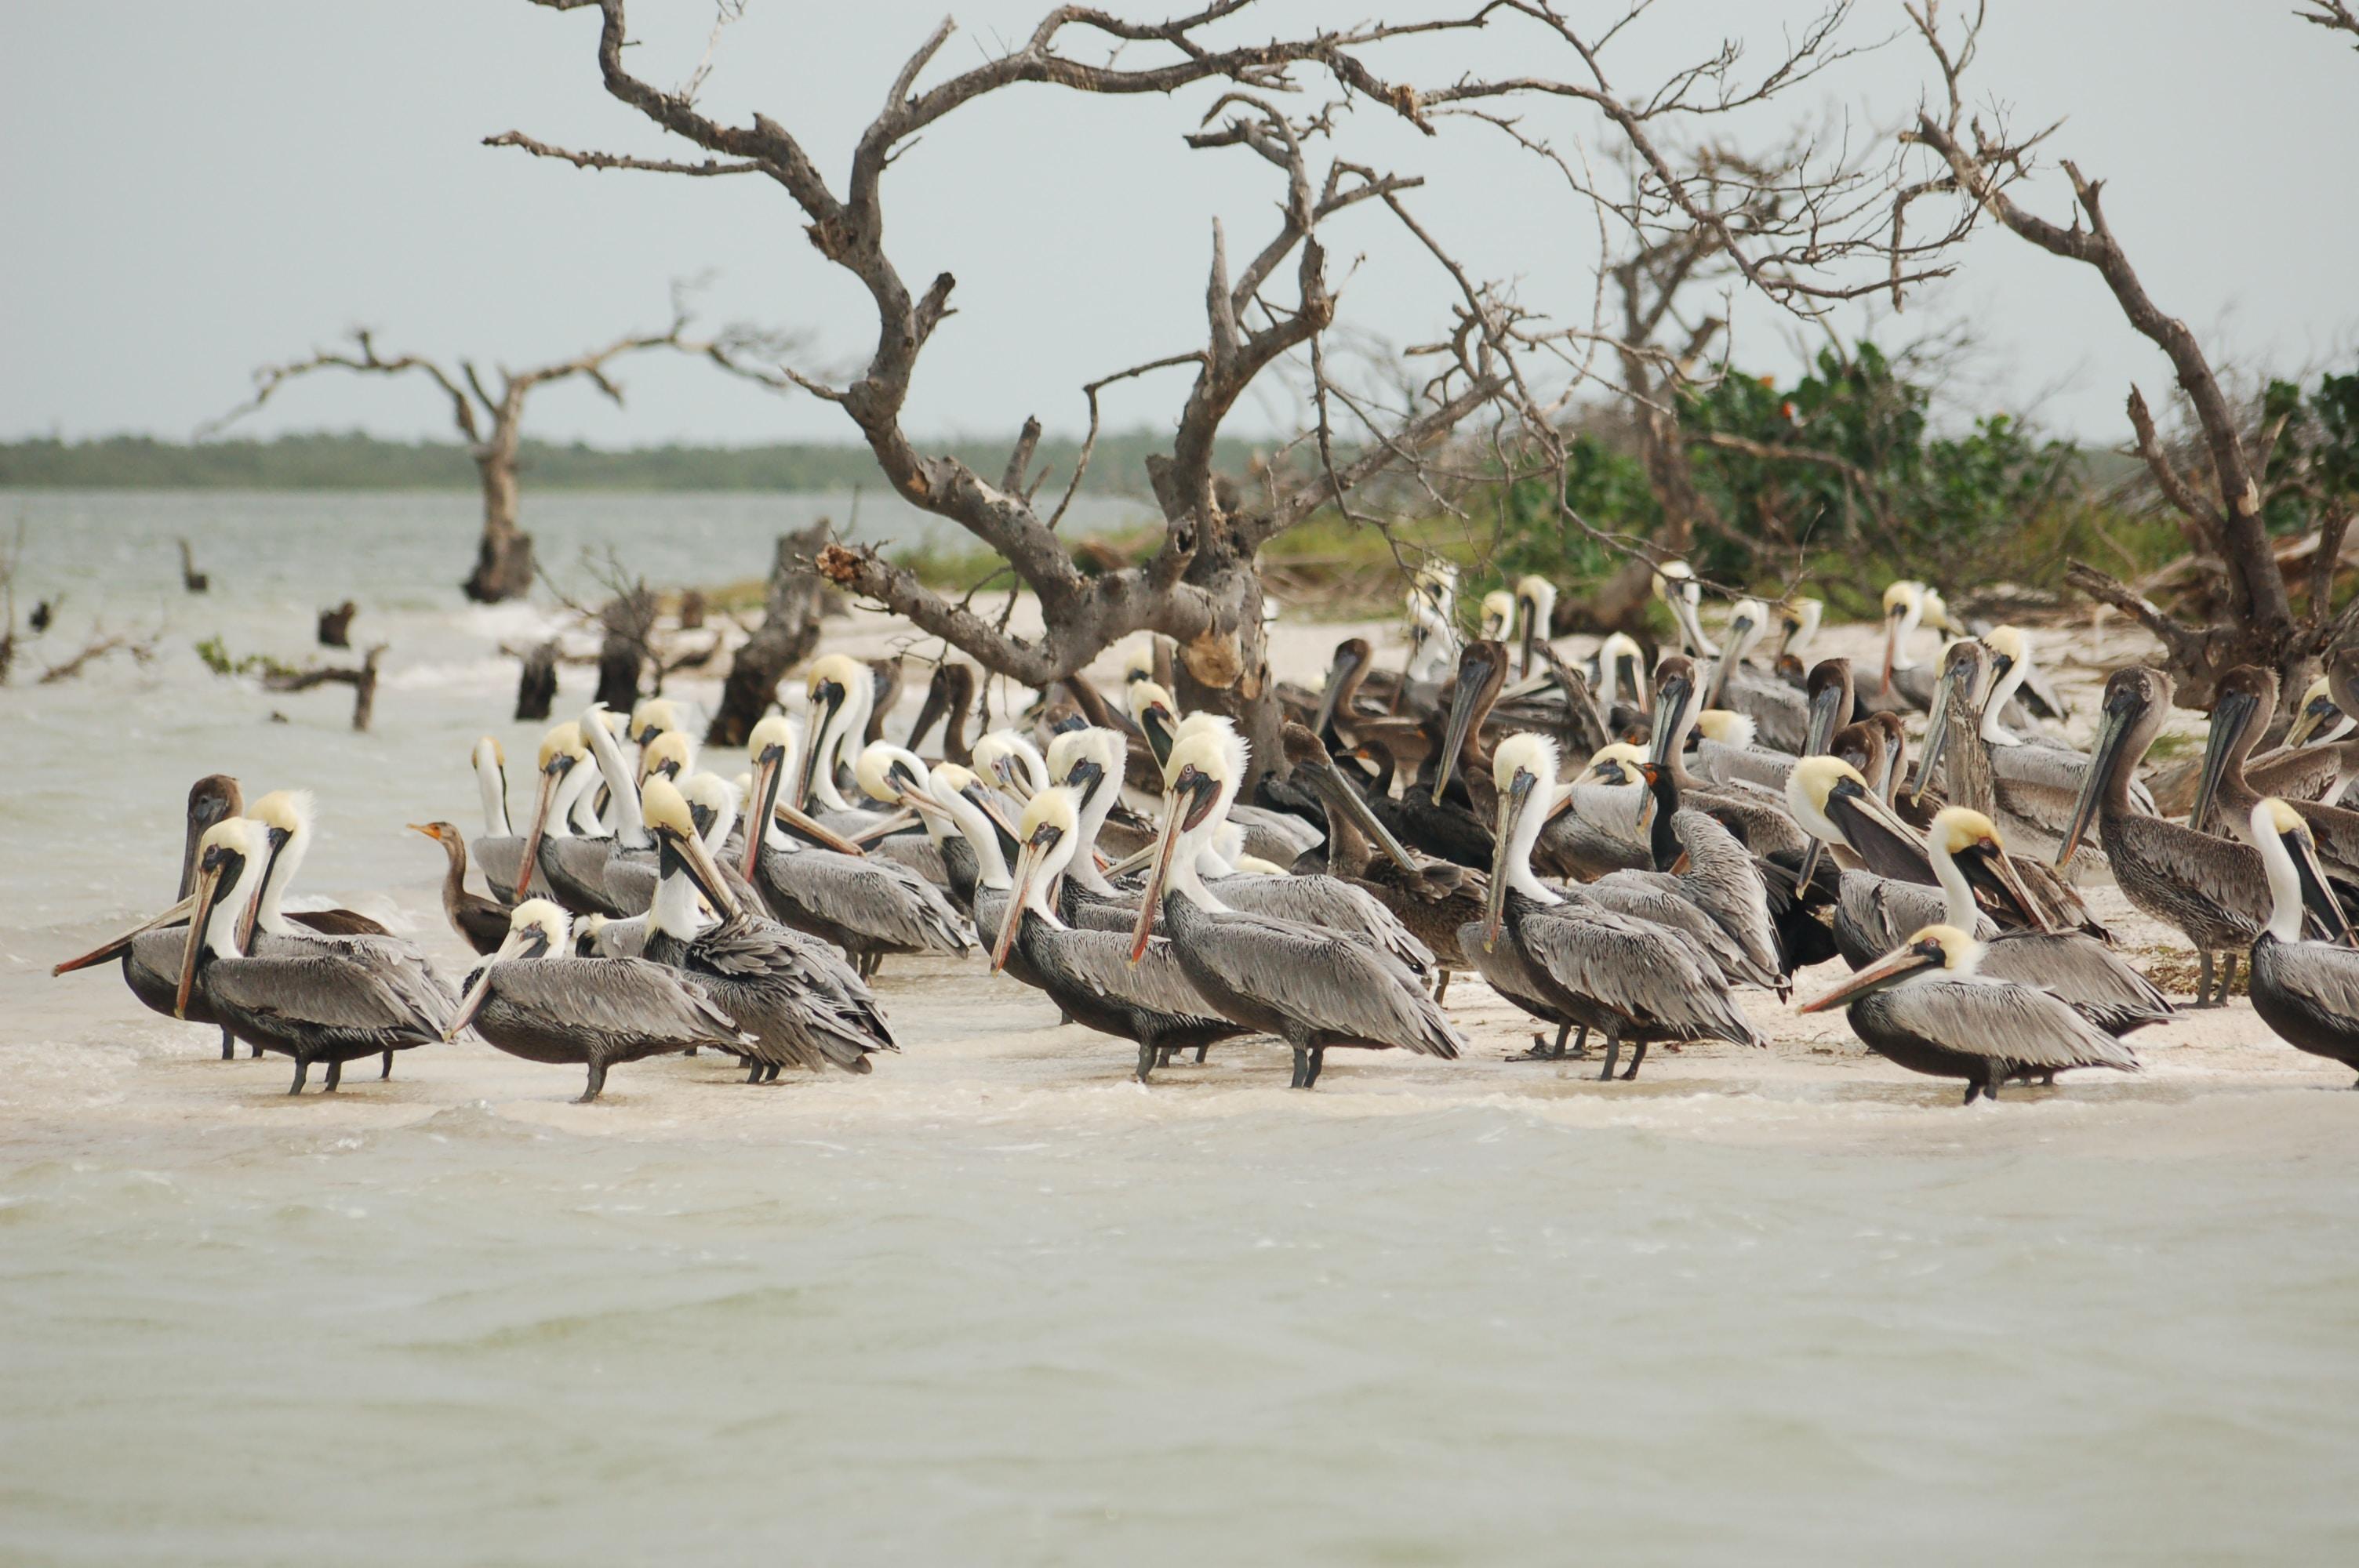 flock of birds on seashore